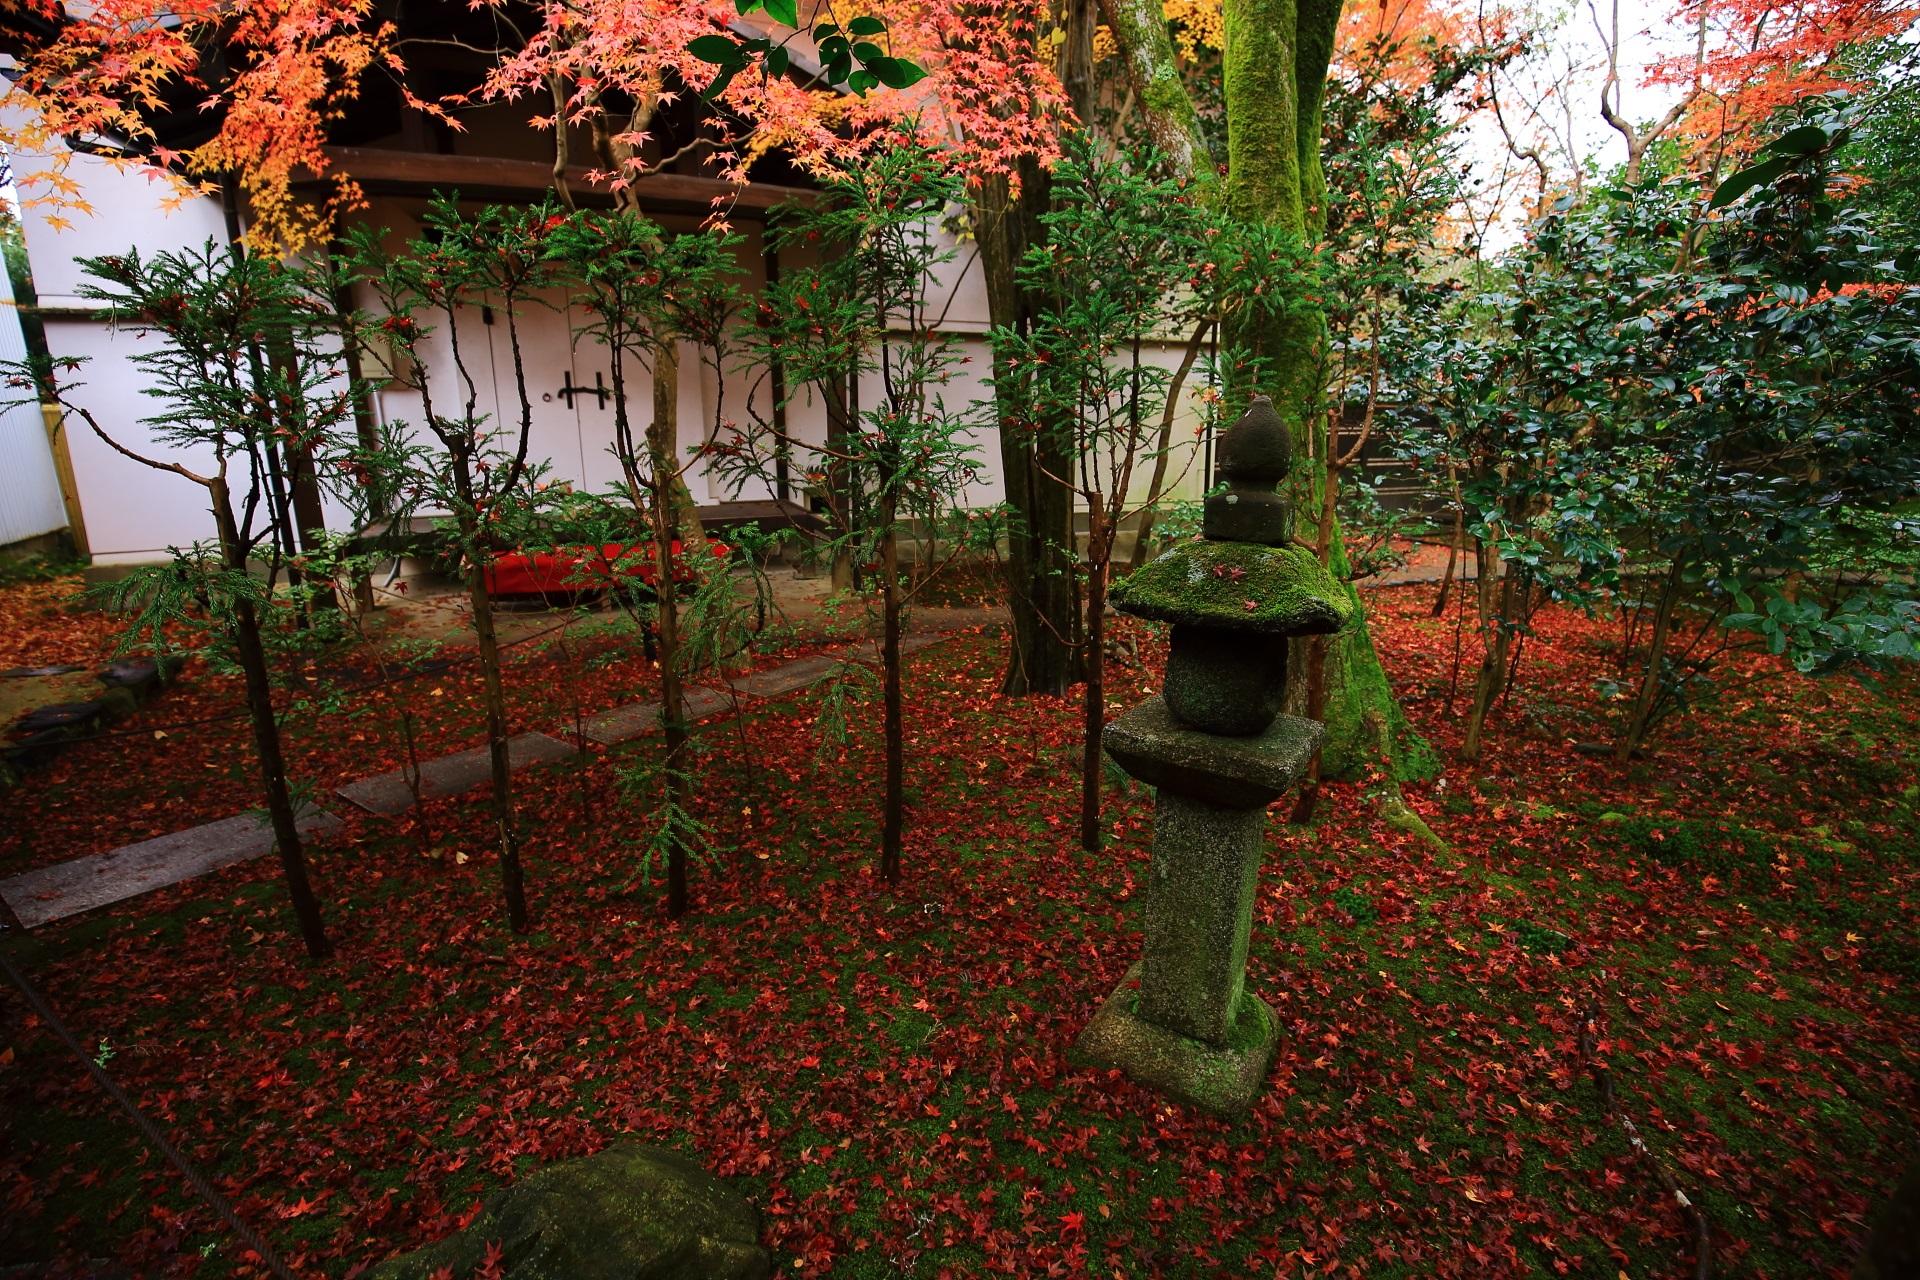 白壁の土蔵と石燈籠をつつむ紅葉と散りもみじ